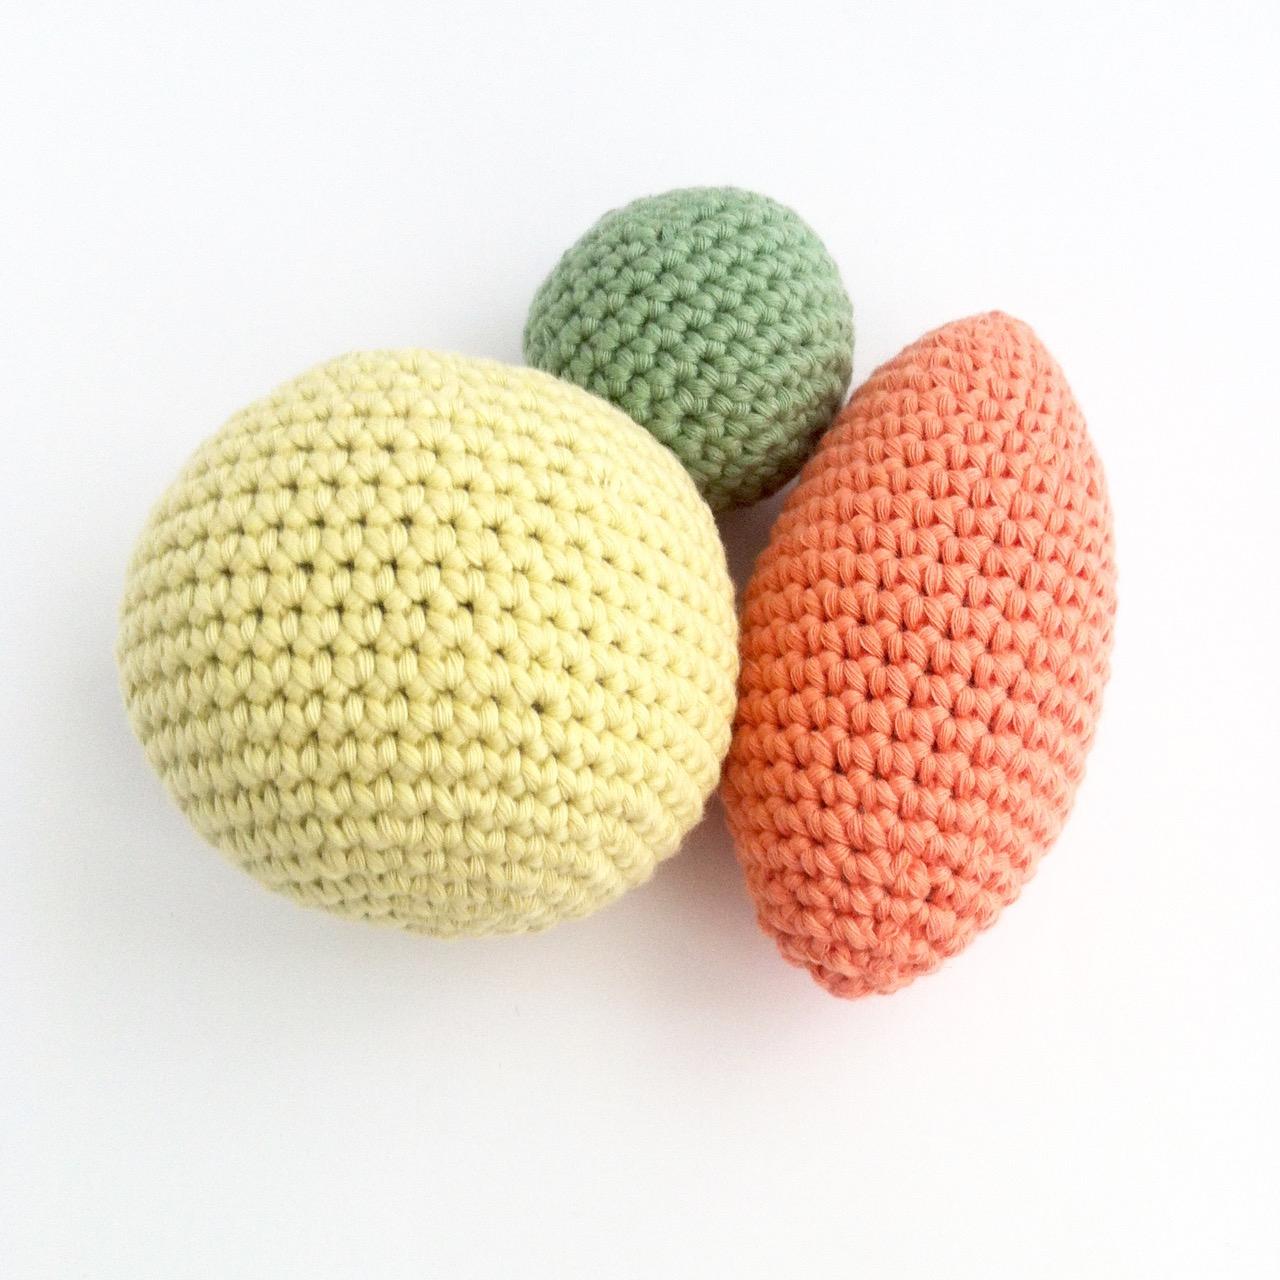 Crochet Sphere Pattern Free Crochet Ornament Pattern Little Conkers